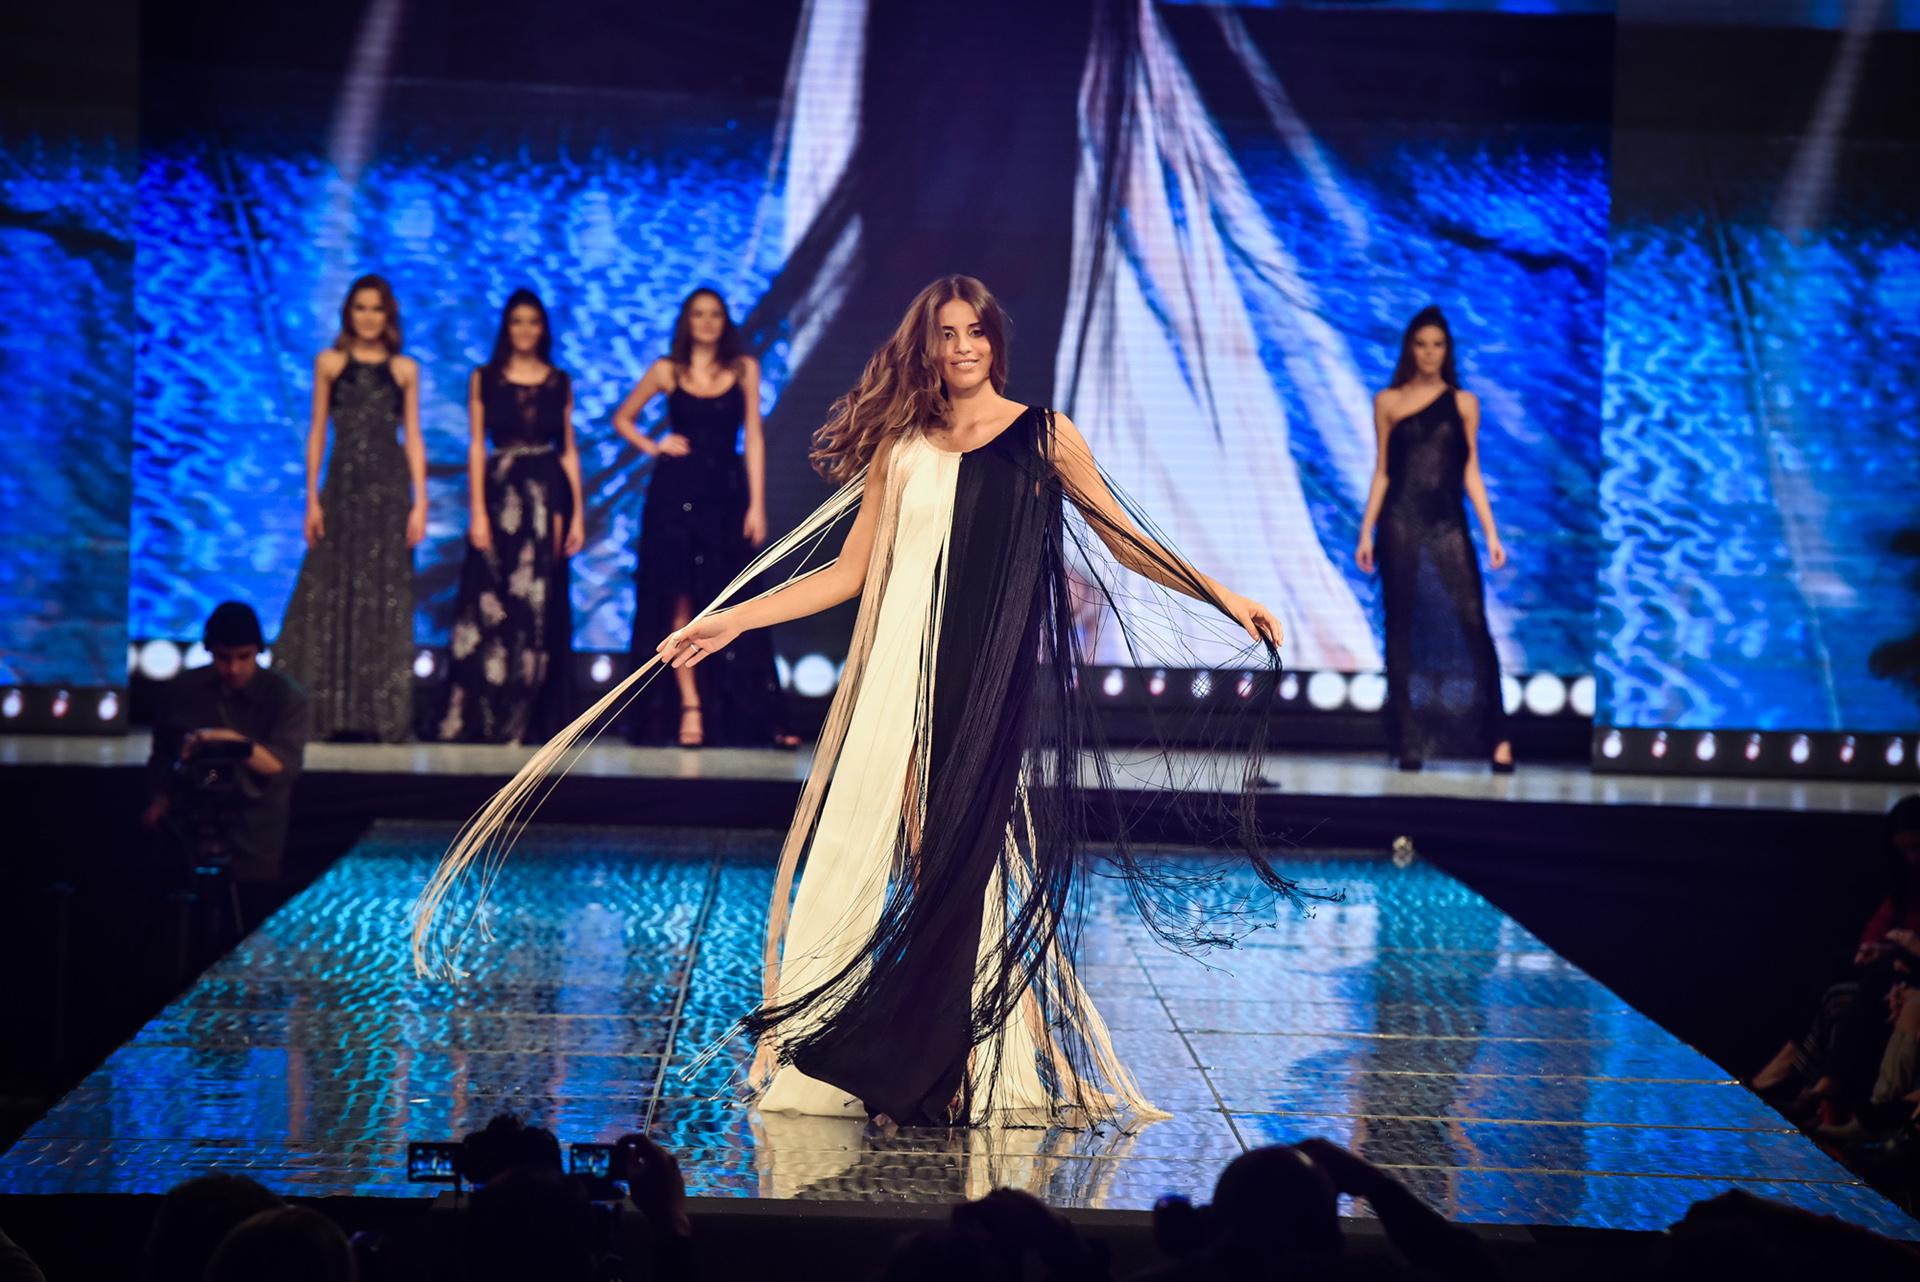 Con cortes a la cintura y hechos a medida, Taina Laurino fue la encargada de cerrar la pasada mientras modelaba uno de los diseños de la temporada de vanguardia